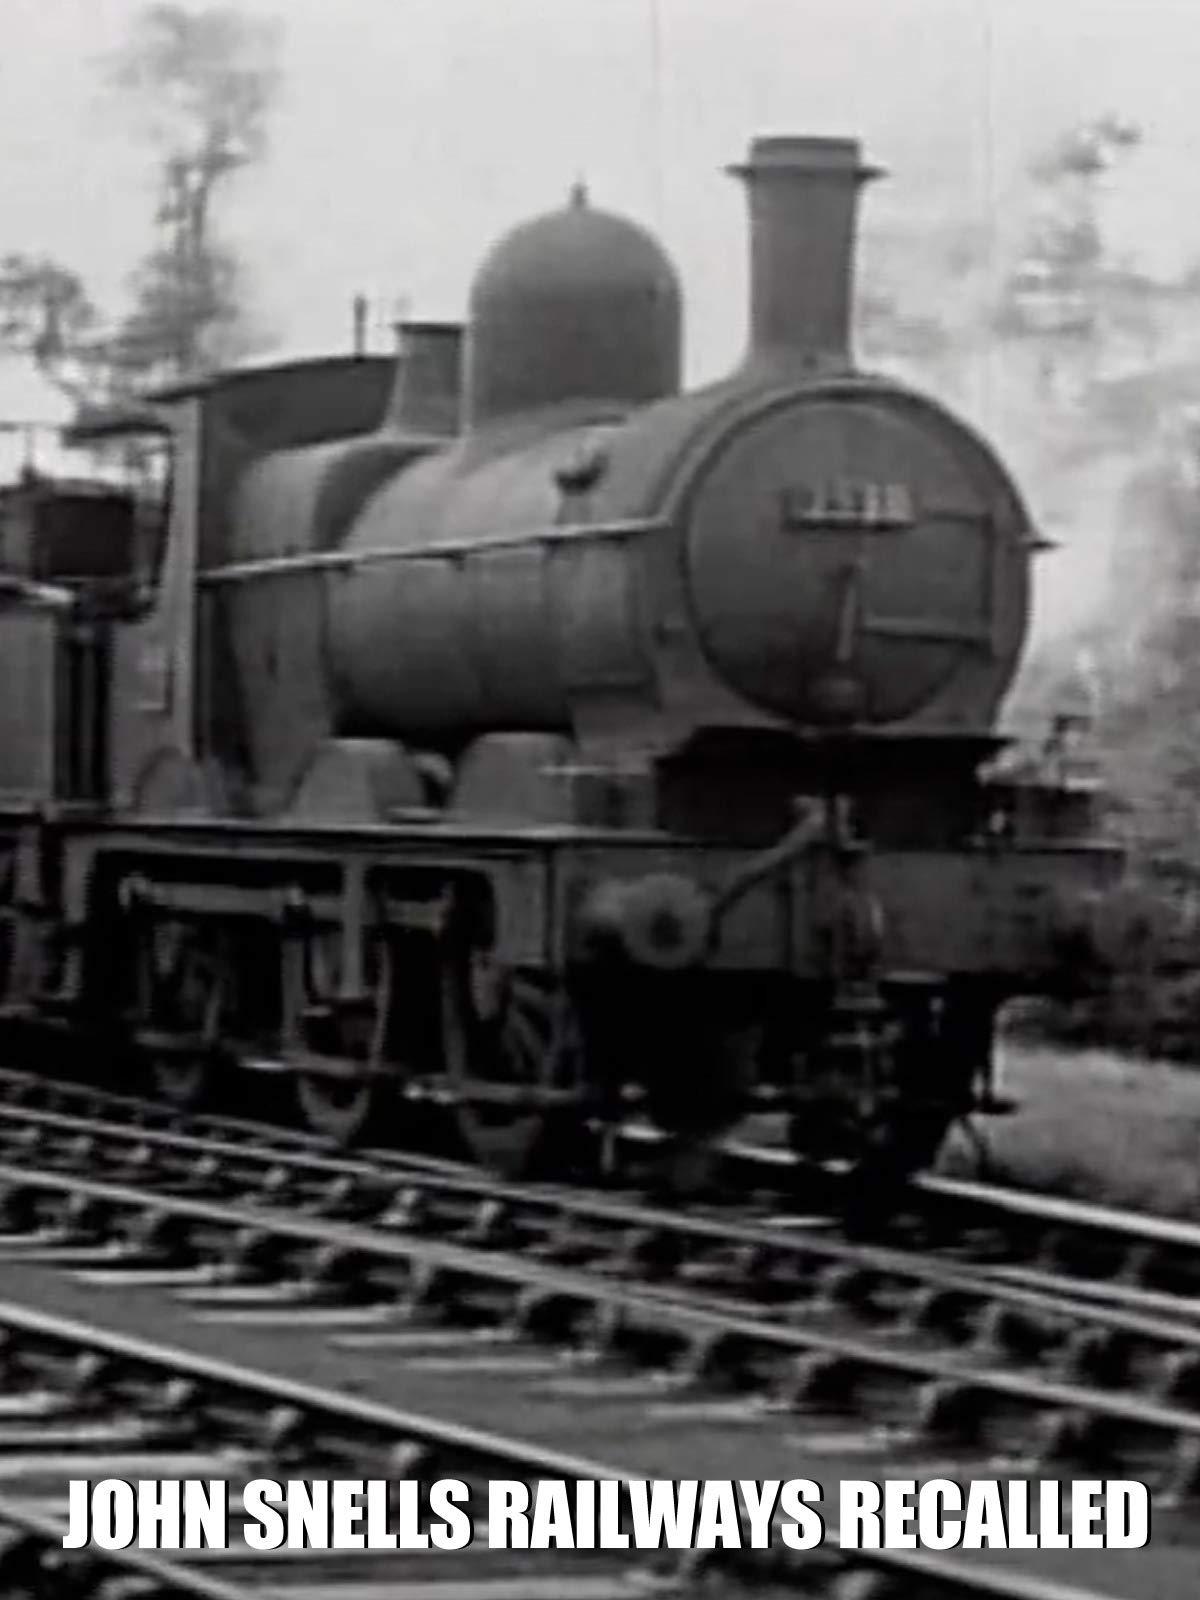 John Snell's Railways Recalled